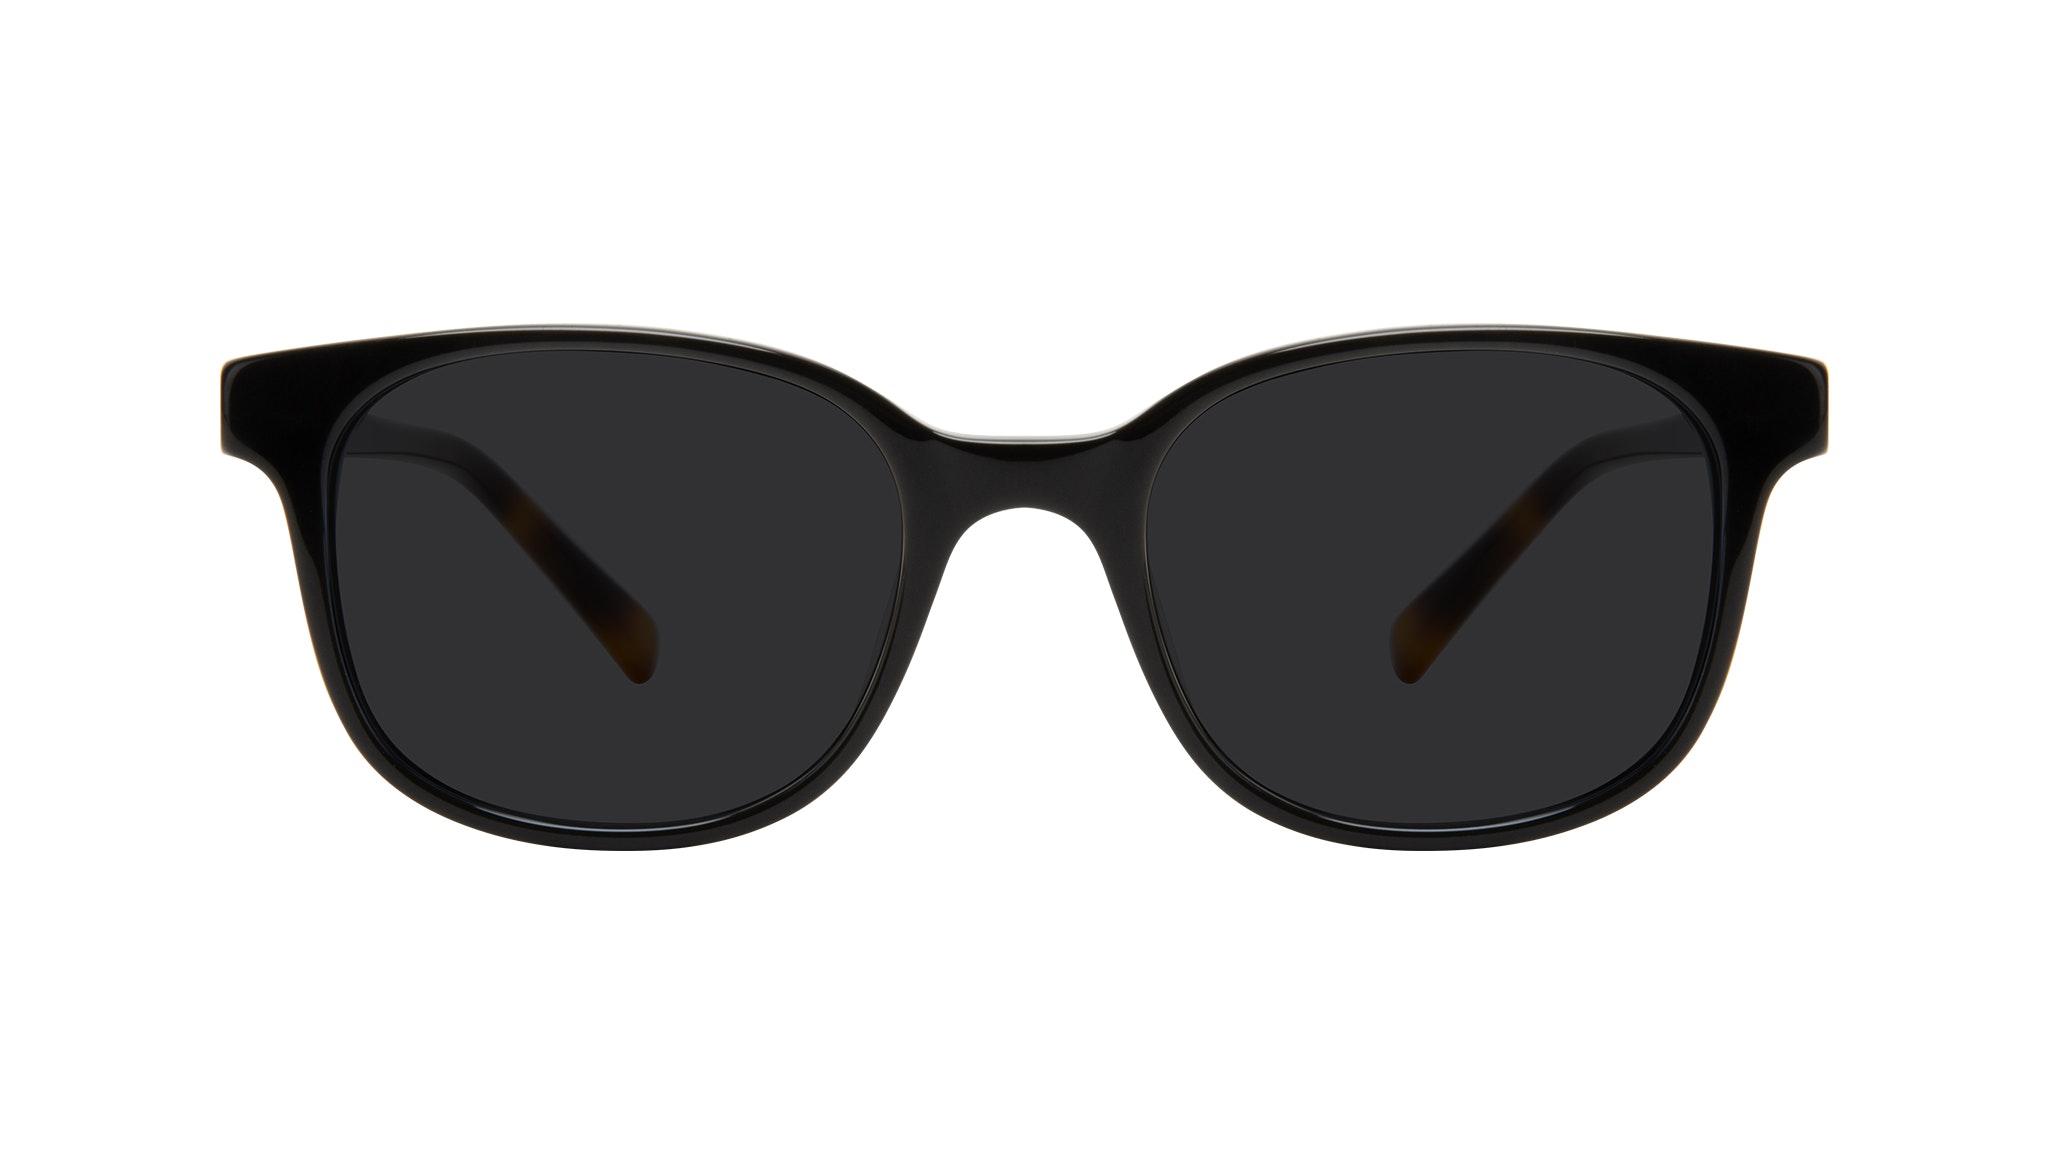 Lunettes tendance Carrée Lunettes de soleil Femmes Unique Onyx Face